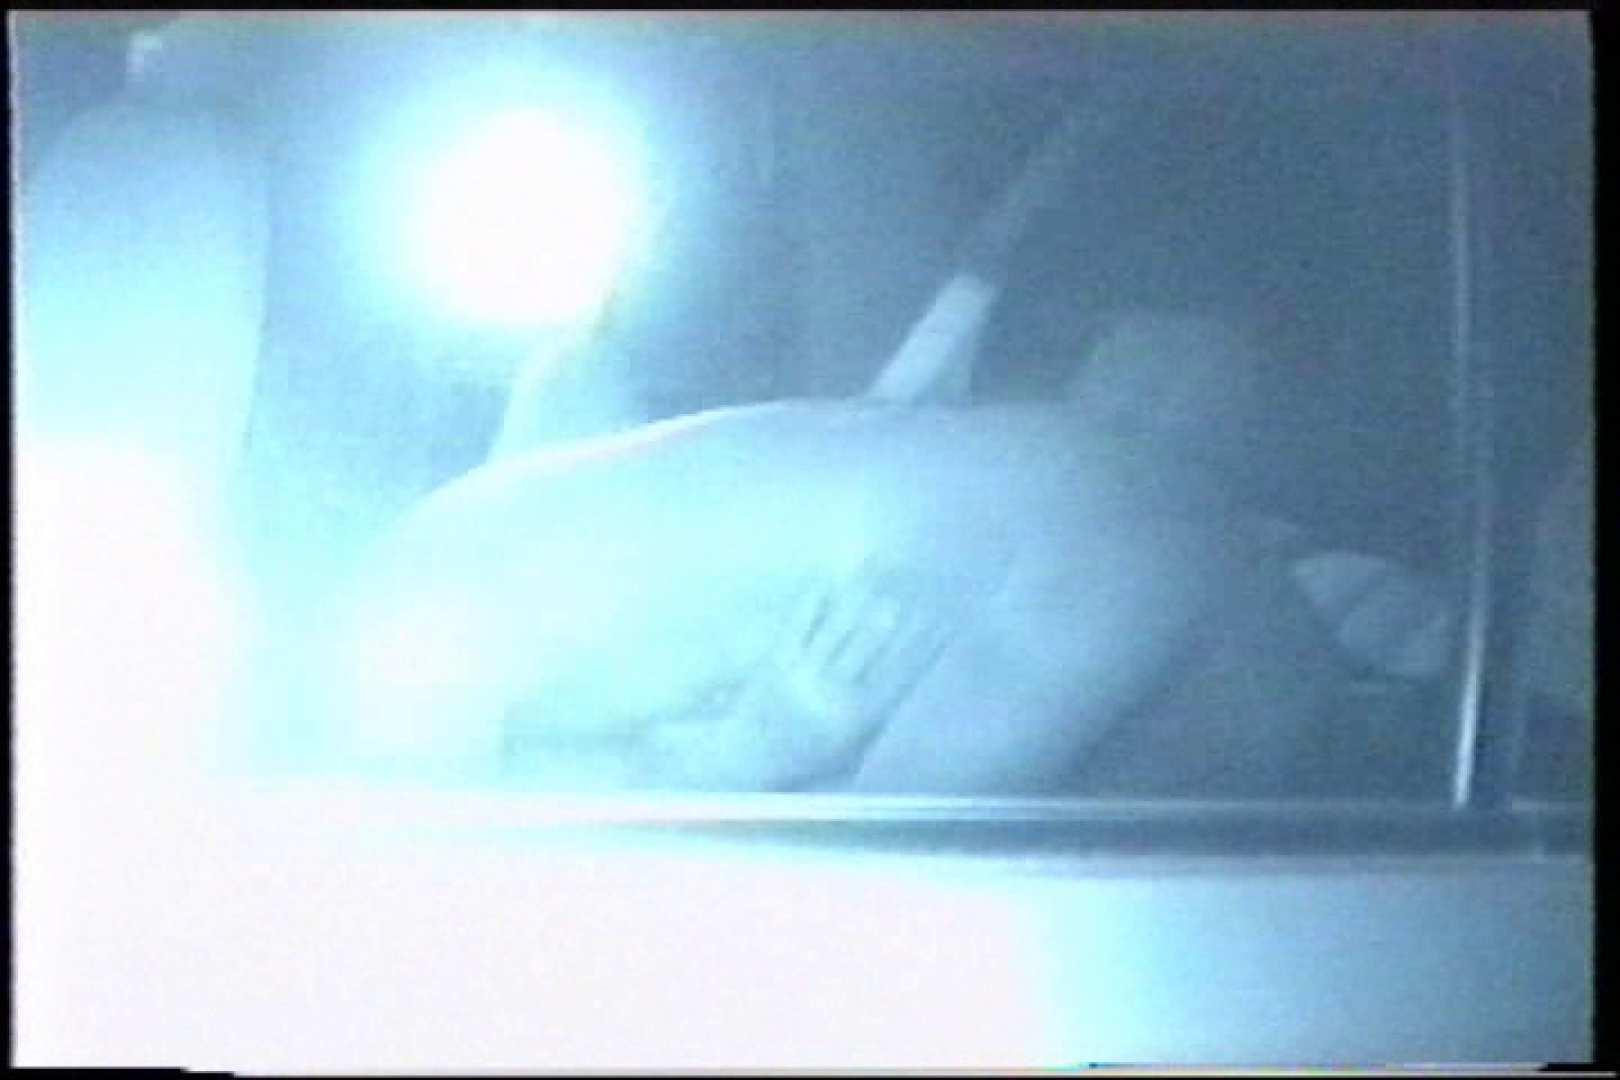 充血監督の深夜の運動会Vol.210 おまんこ無修正 | OLセックス  98画像 31